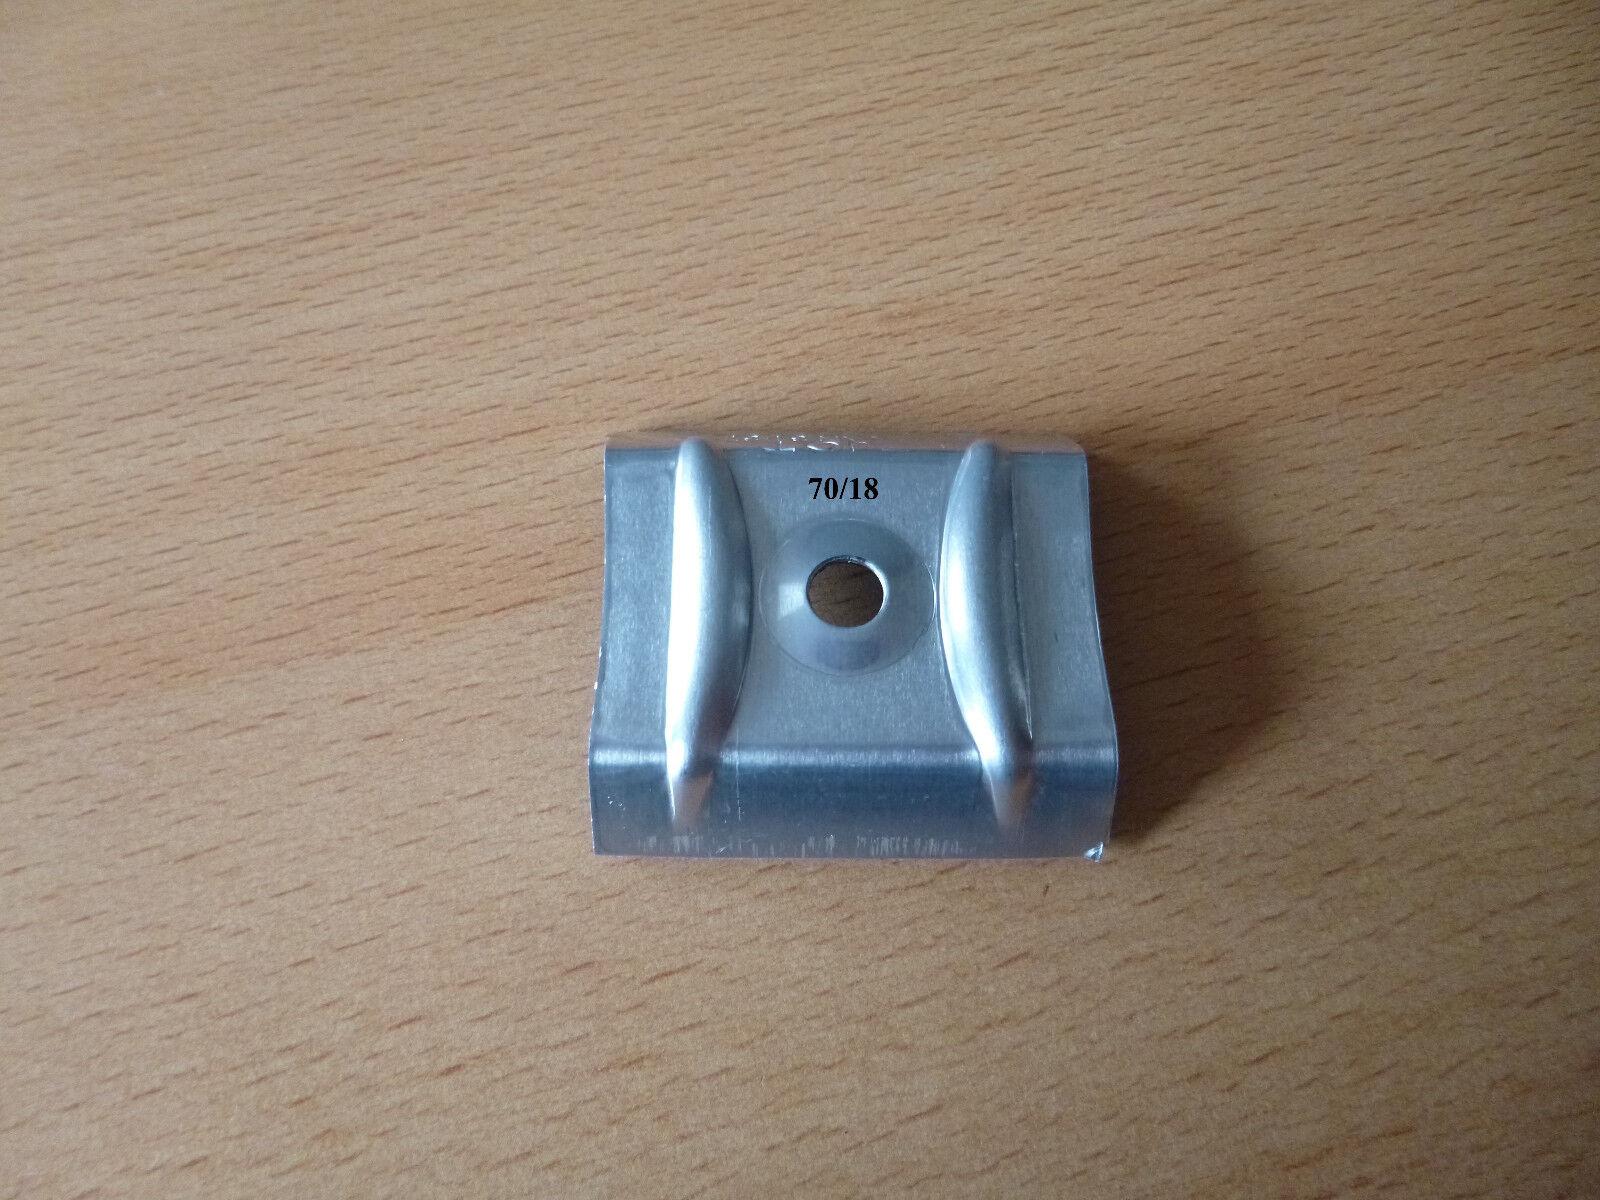 Alu - Kalotten für Lichtplatten und Trapezbleche Profil 70 18 - 183 40 - 207 35